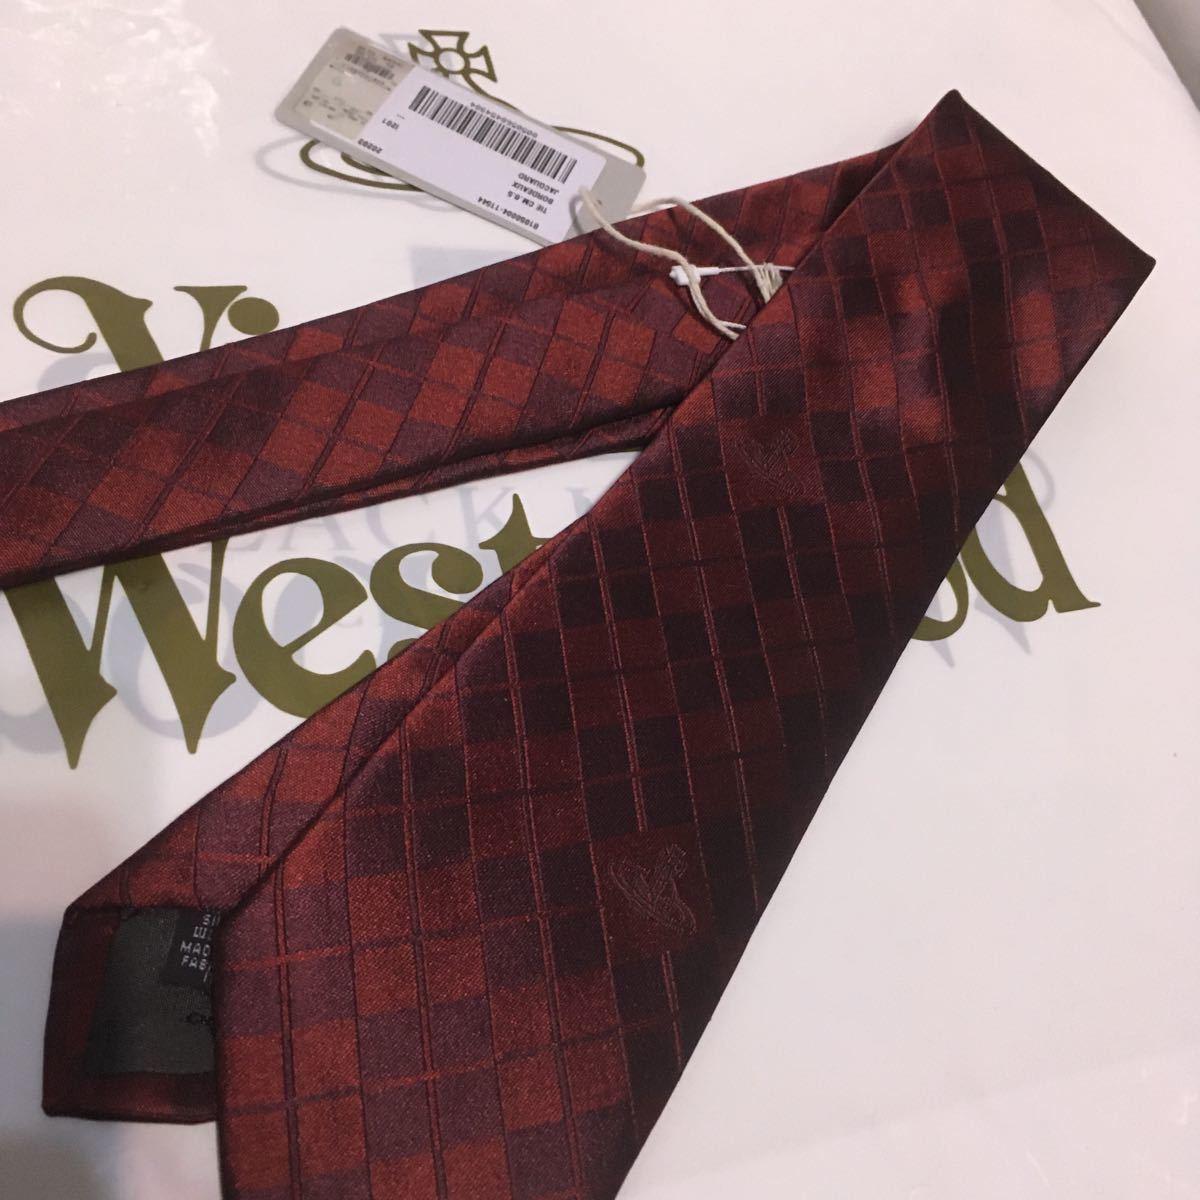 ●新品●送料込/13200円 Vivienne Westwood ネクタイ 赤×ワイン ダイヤ柄 シルク100% ヴィヴィアンウエストウッド ビビアン イタリア製_画像10